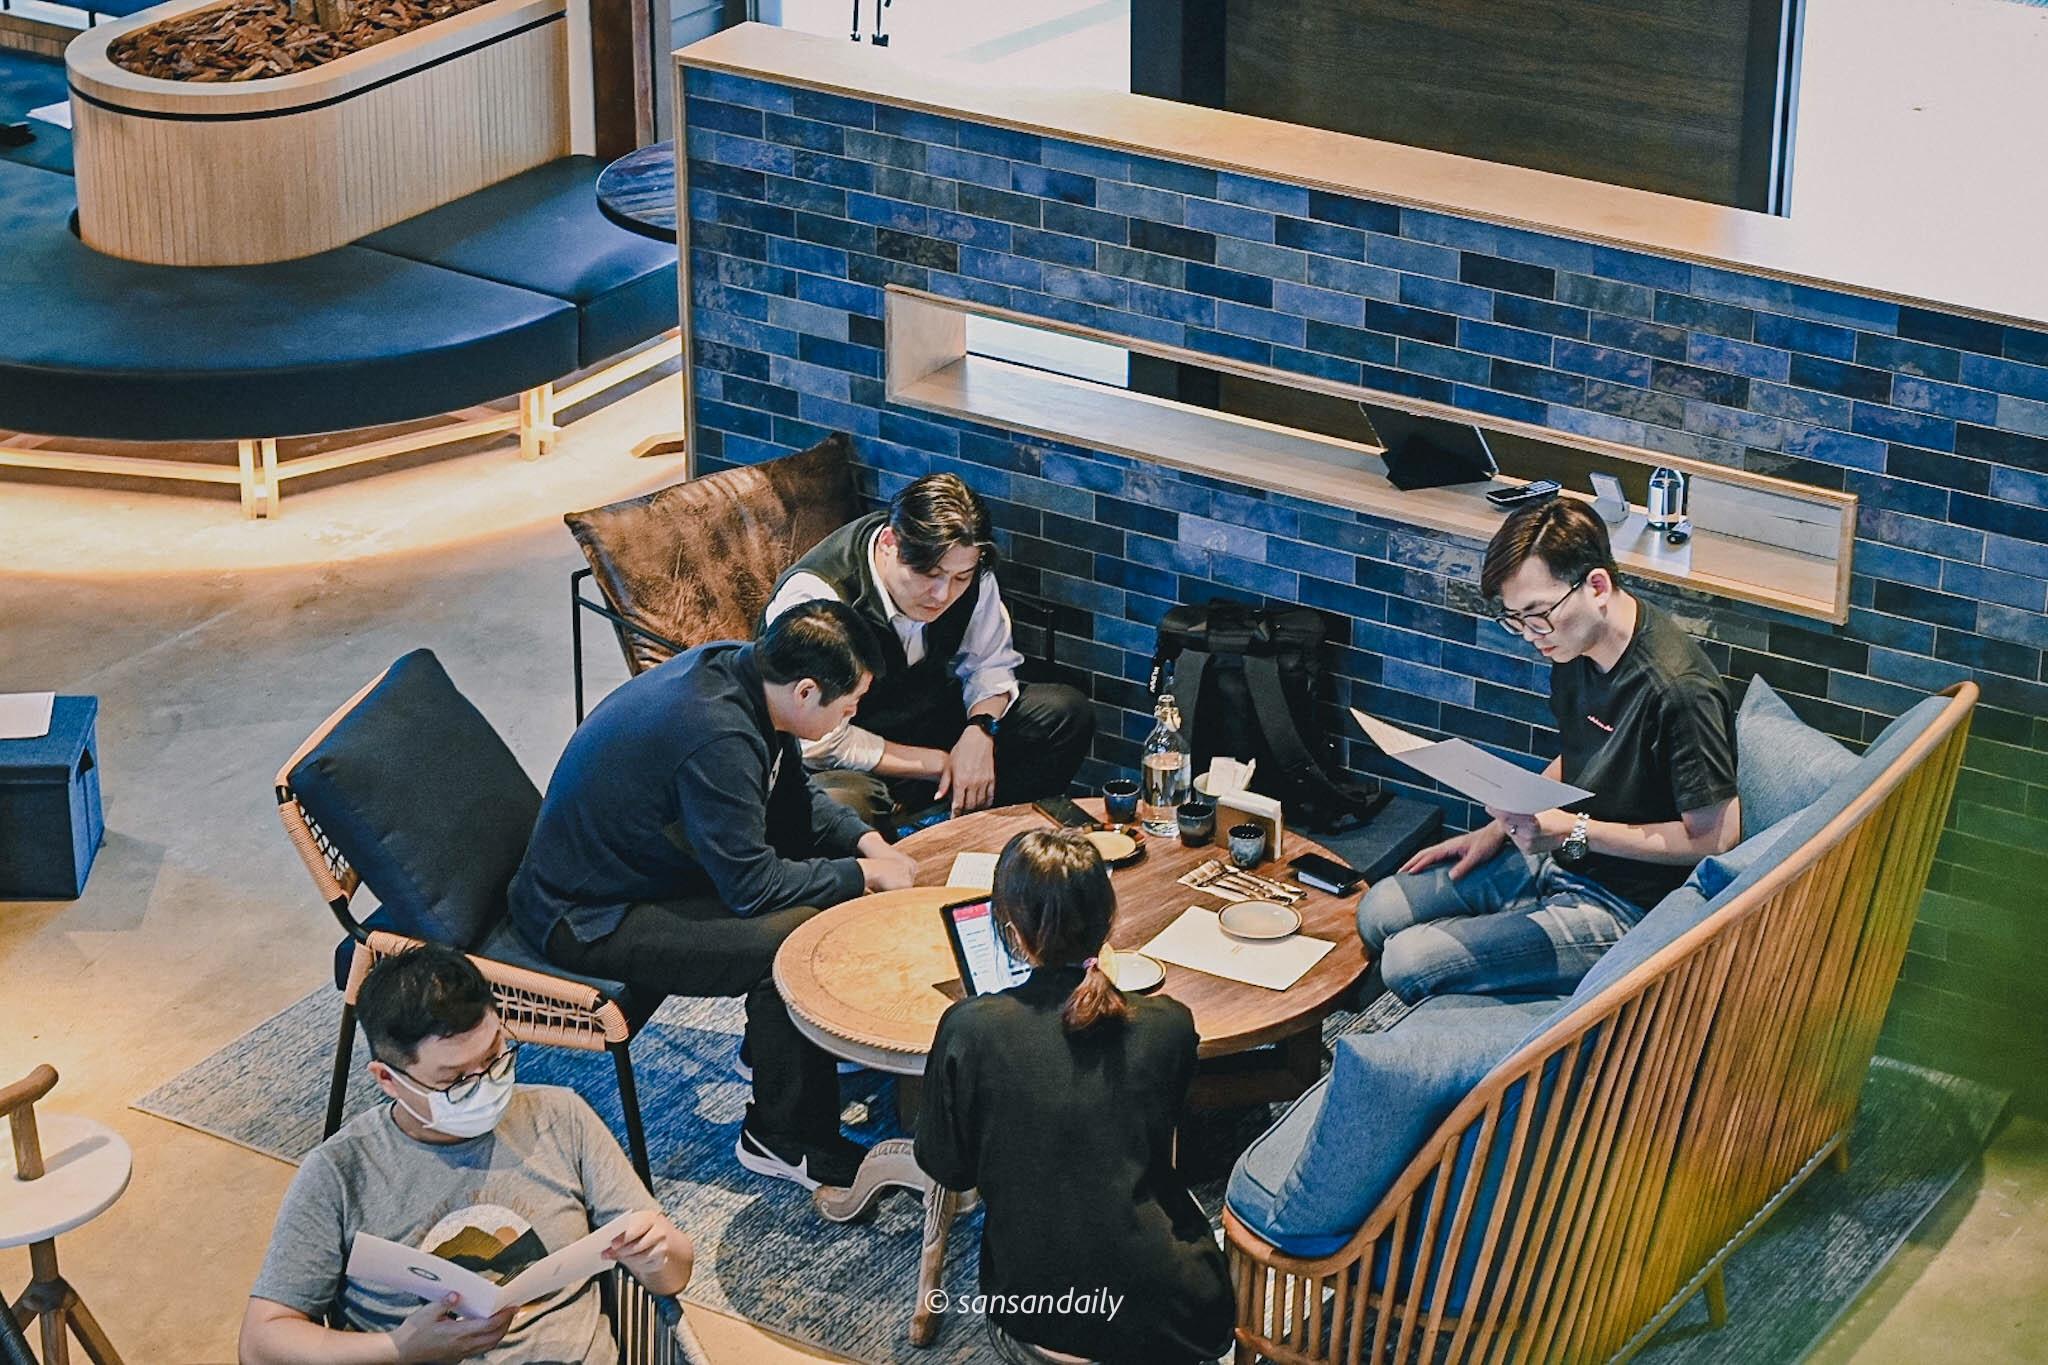 GUMGUM Beer & Wings雞翅酒吧內科店 商業用餐畫面俯拍